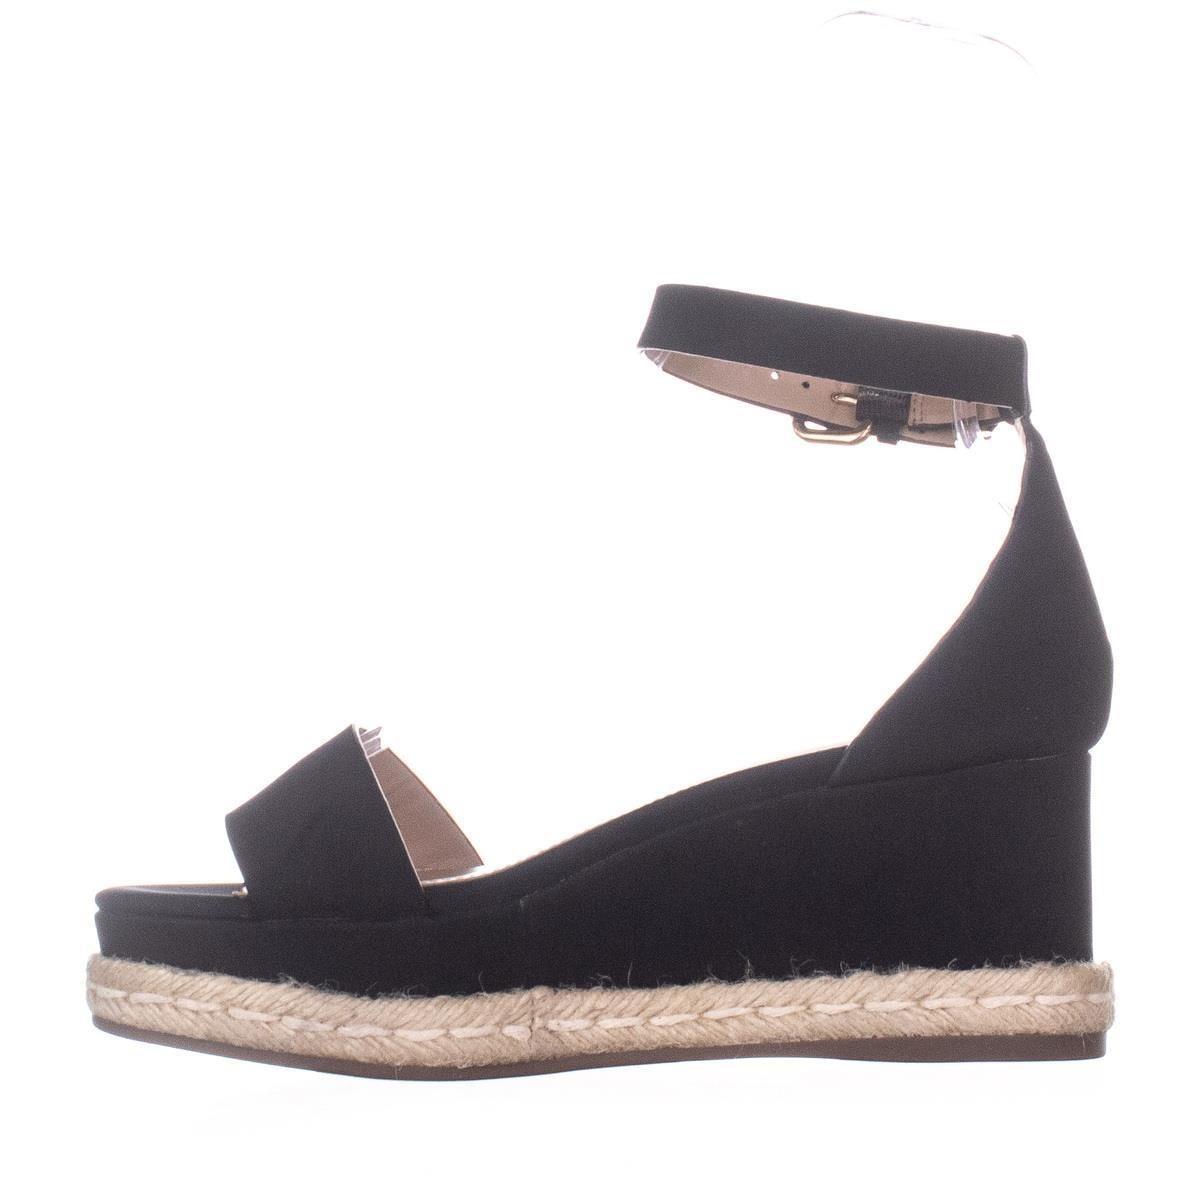 94185248b03 Shop BCBGeneration Addie Espadrilles Wedge Sandals